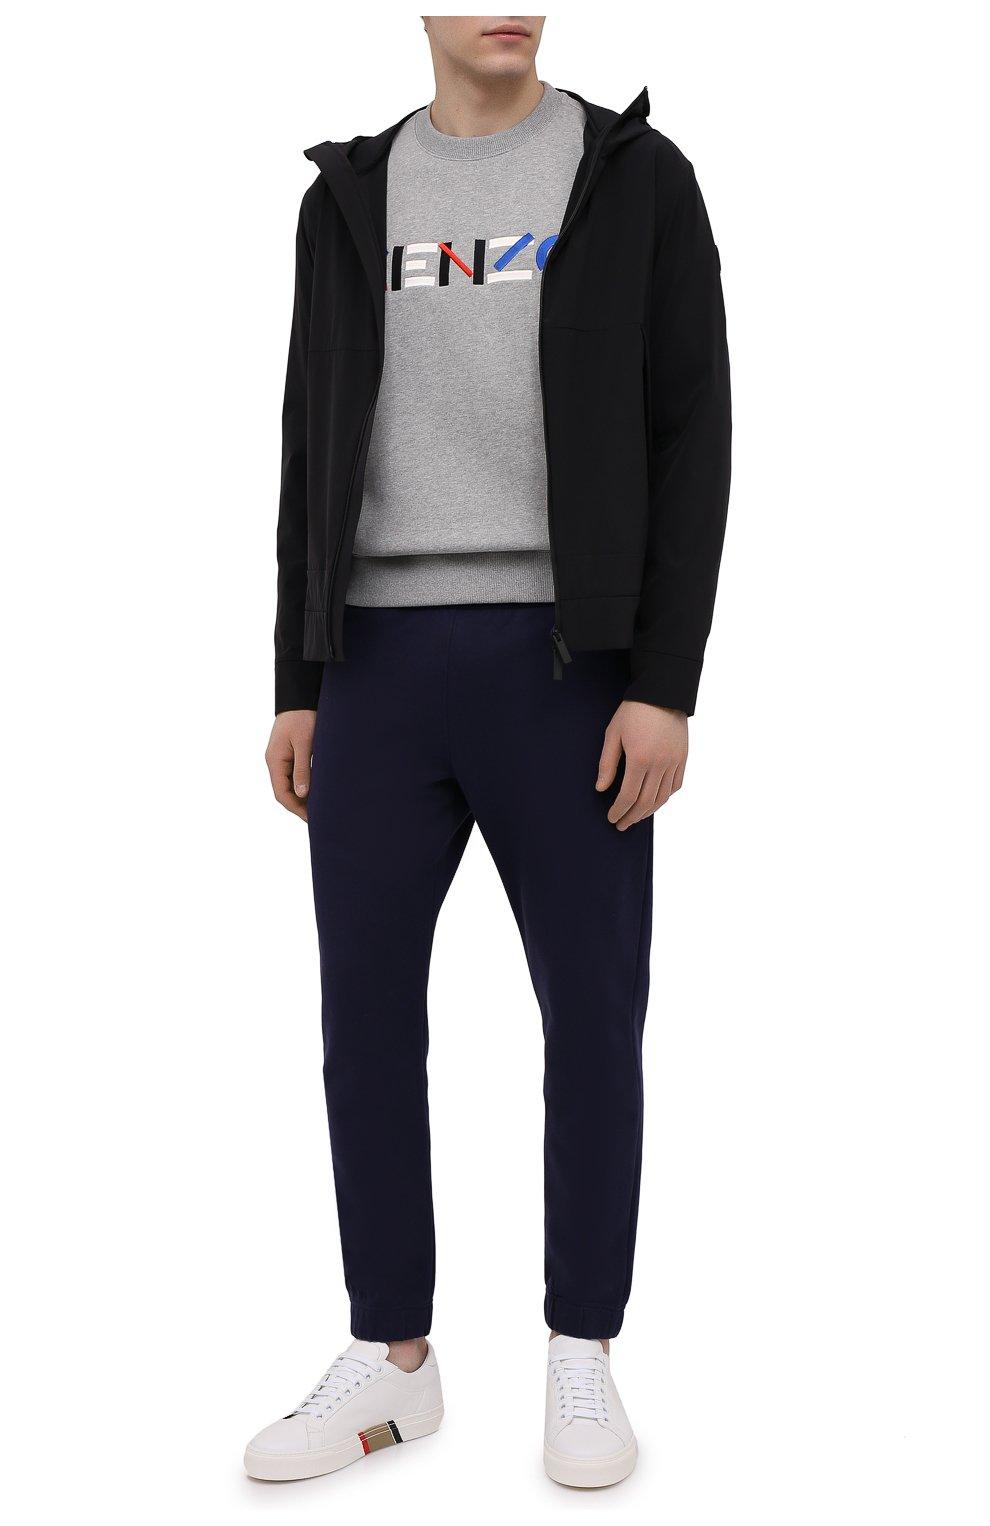 Мужские хлопковые джоггеры KENZO синего цвета, арт. FB55PA7114ML | Фото 2 (Мужское Кросс-КТ: Брюки-трикотаж; Длина (брюки, джинсы): Стандартные; Материал внешний: Хлопок; Силуэт М (брюки): Джоггеры)